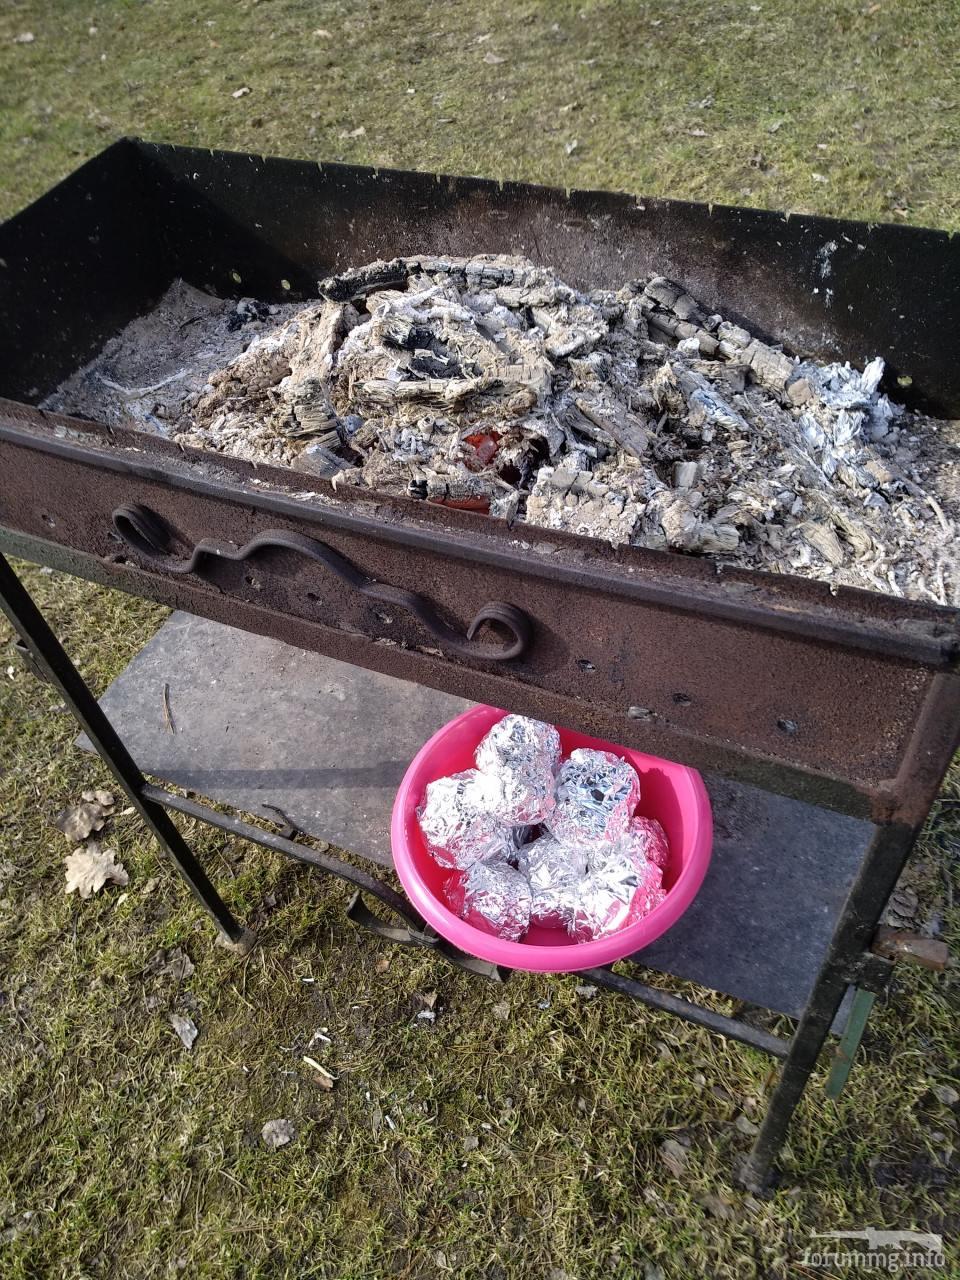 126056 - Закуски на огне (мангал, барбекю и т.д.) и кулинария вообще. Советы и рецепты.